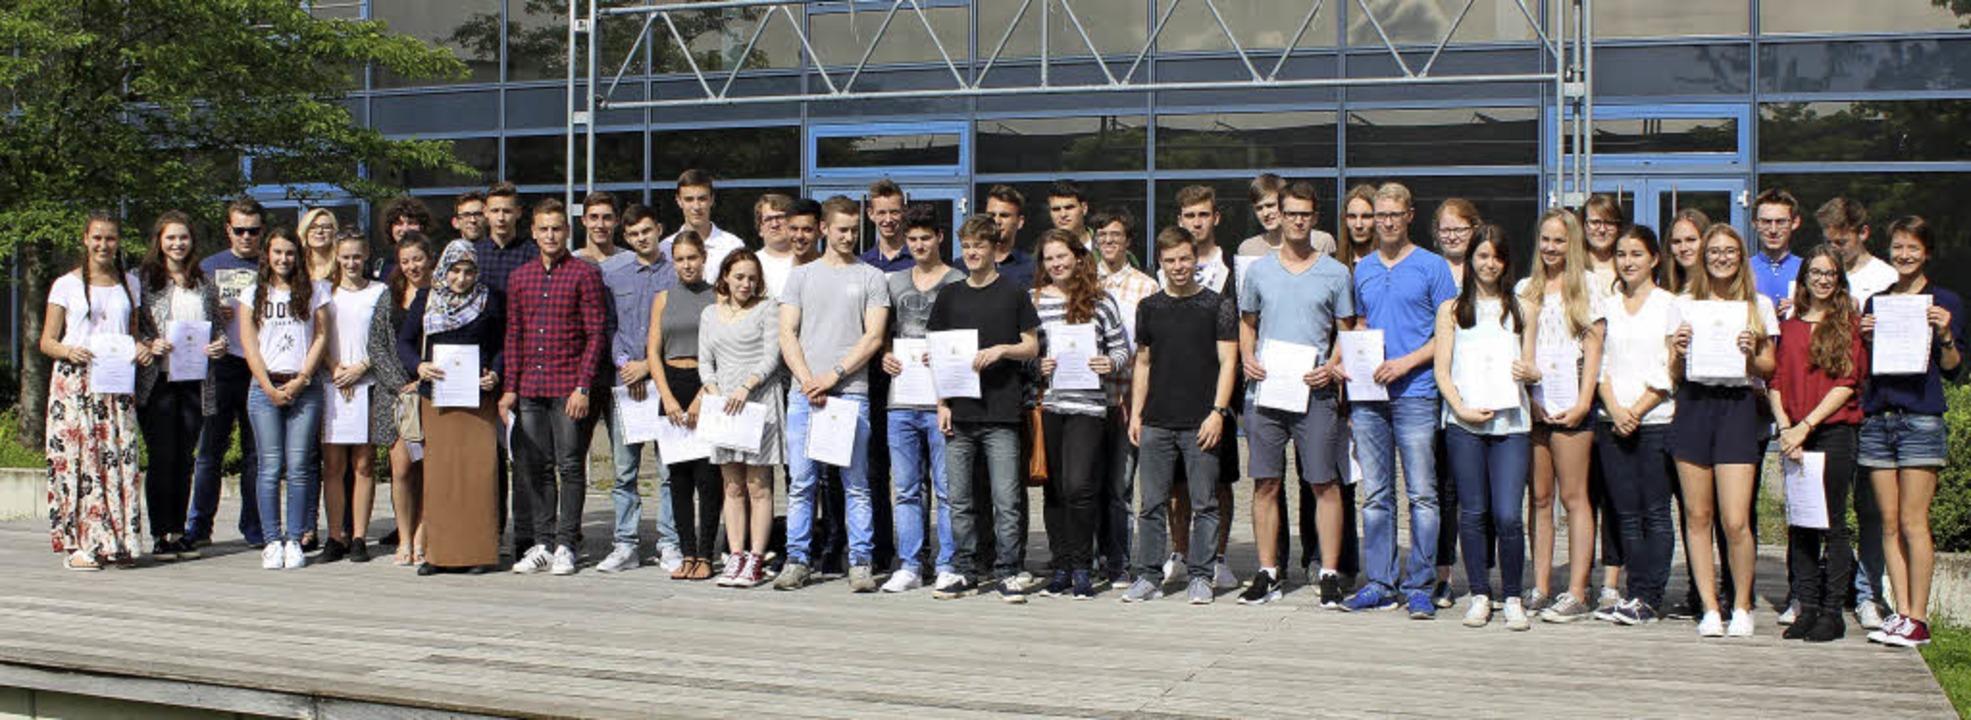 Der Abi-Jahrgang 2016 am Kreisgymnasium Neuenburg mit seinen Zeugnissen  | Foto: Privat